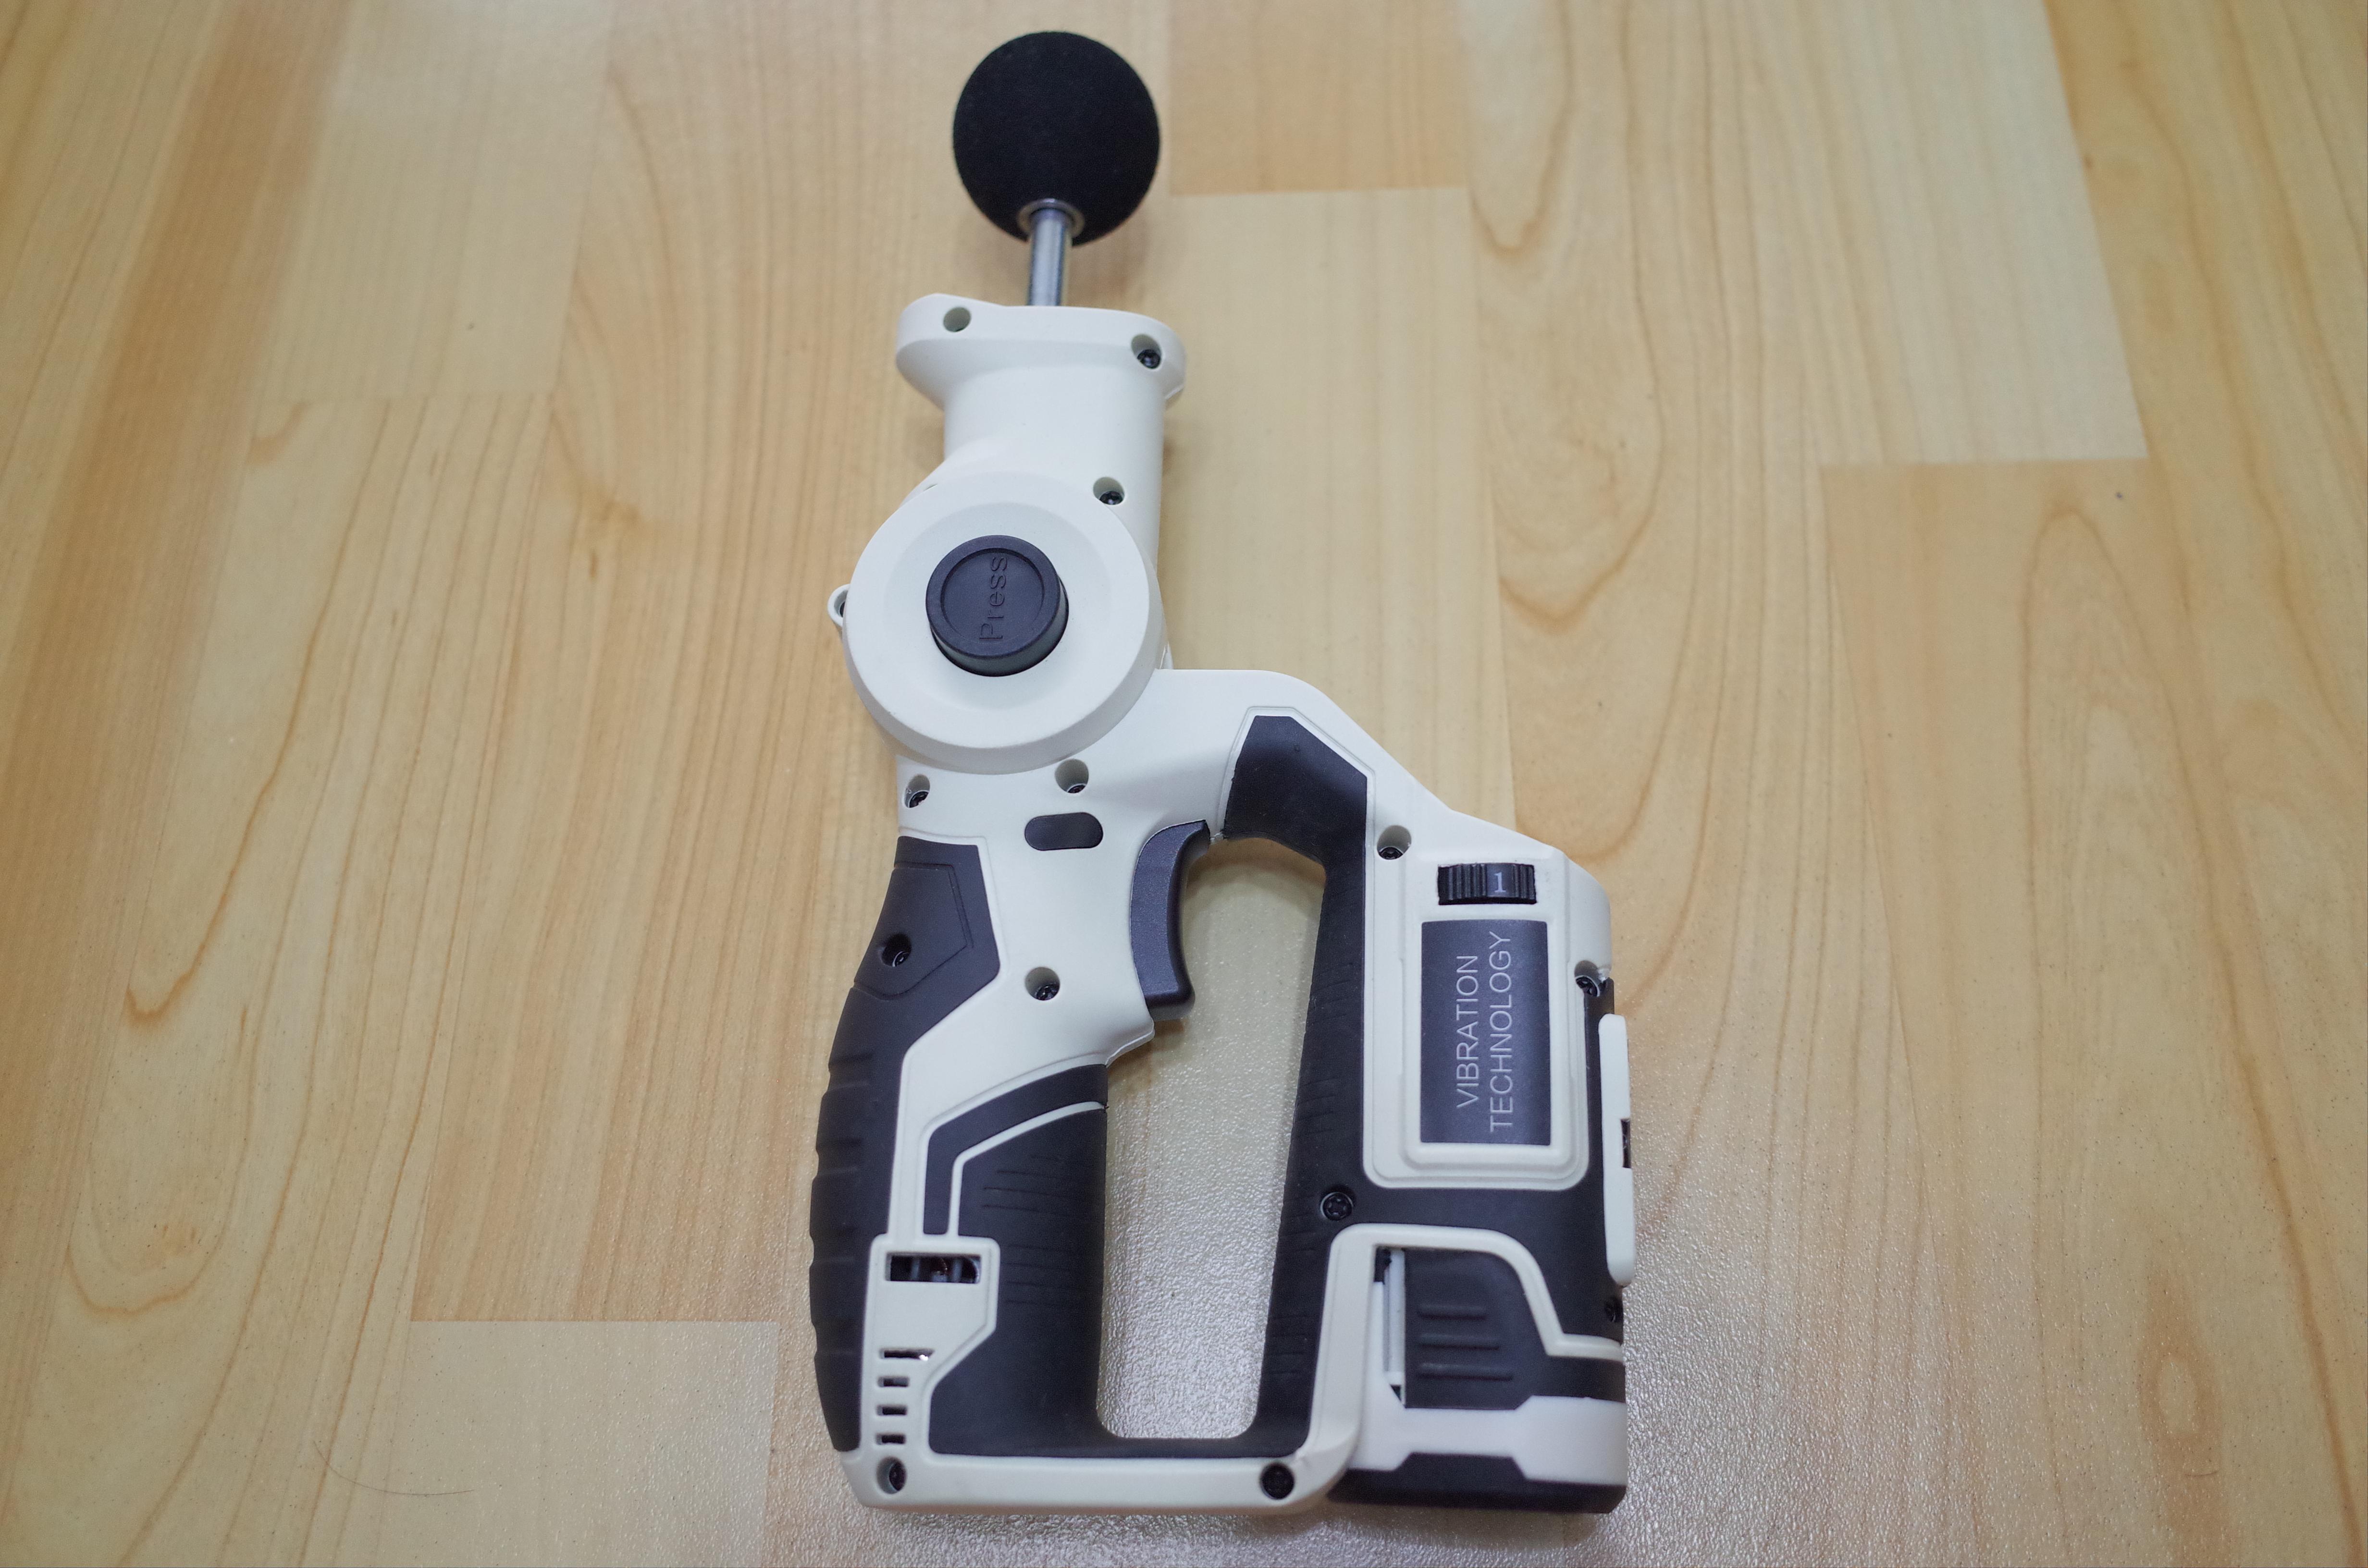 菠蘿君 Booster P1 Pro 真開箱與用後感 - Mobile01